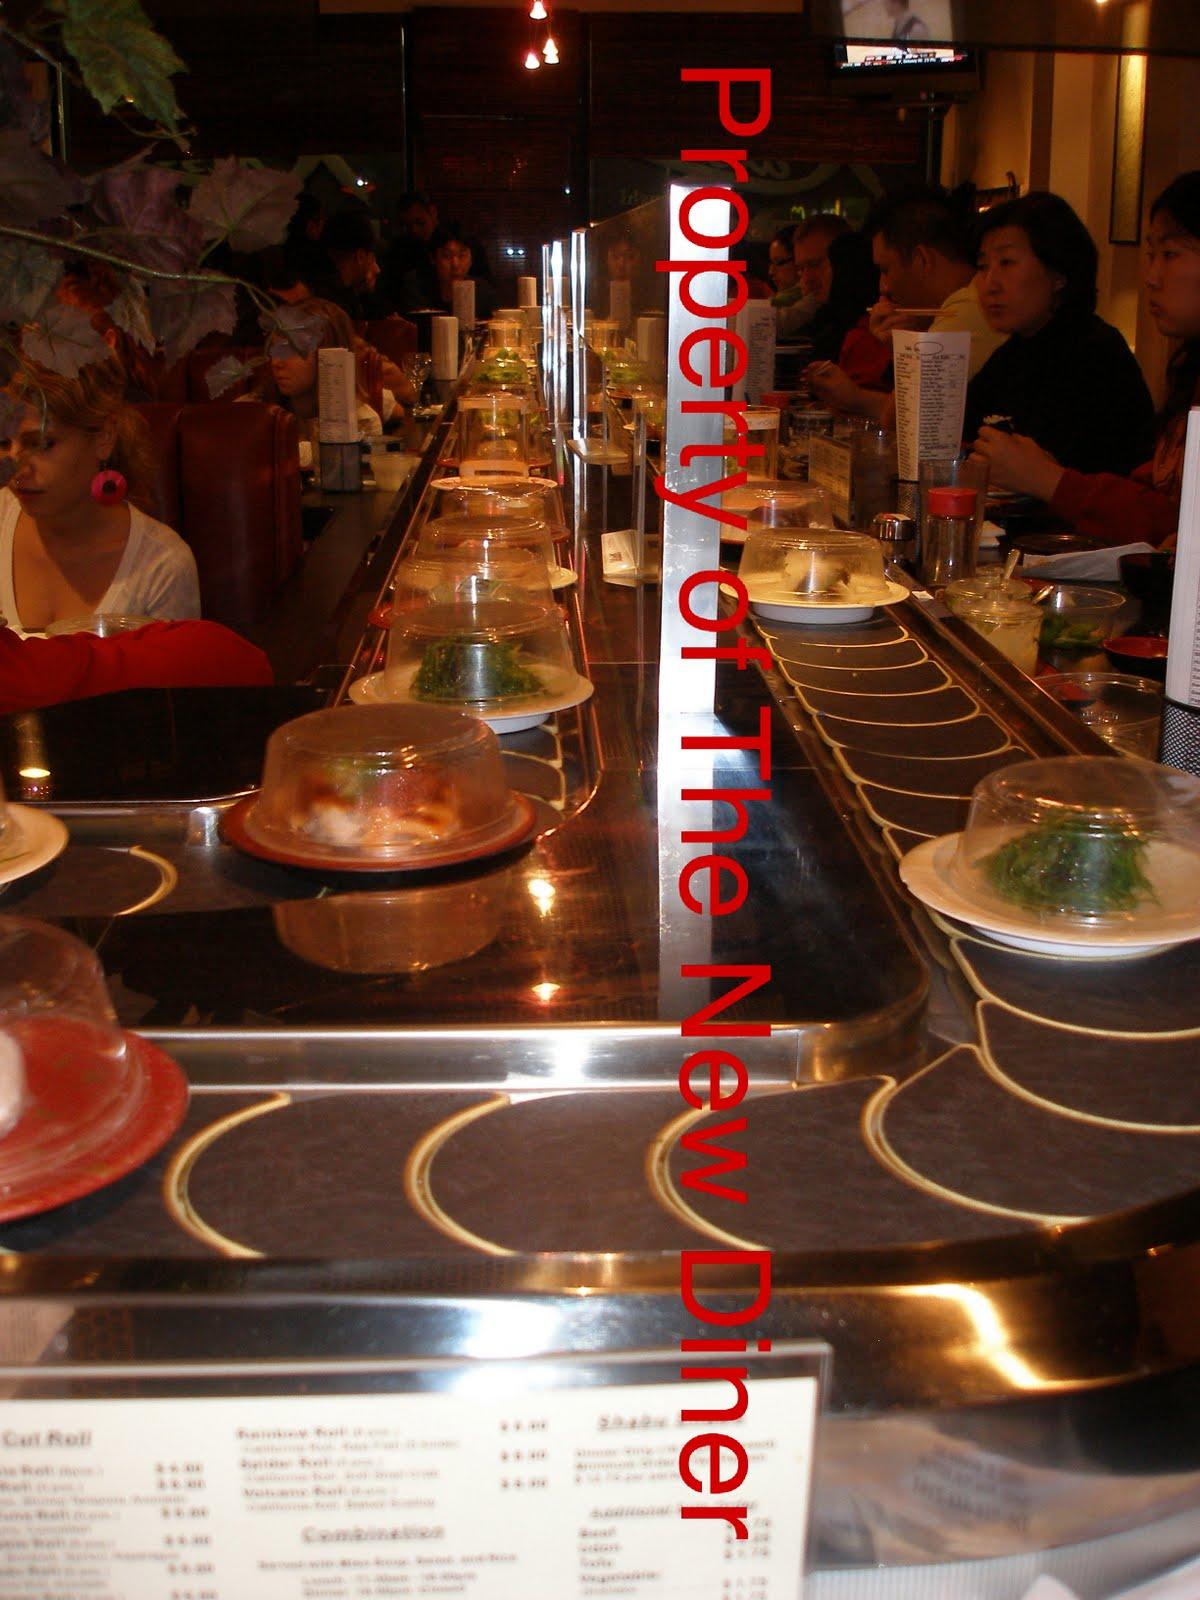 The New Diner: November 2008